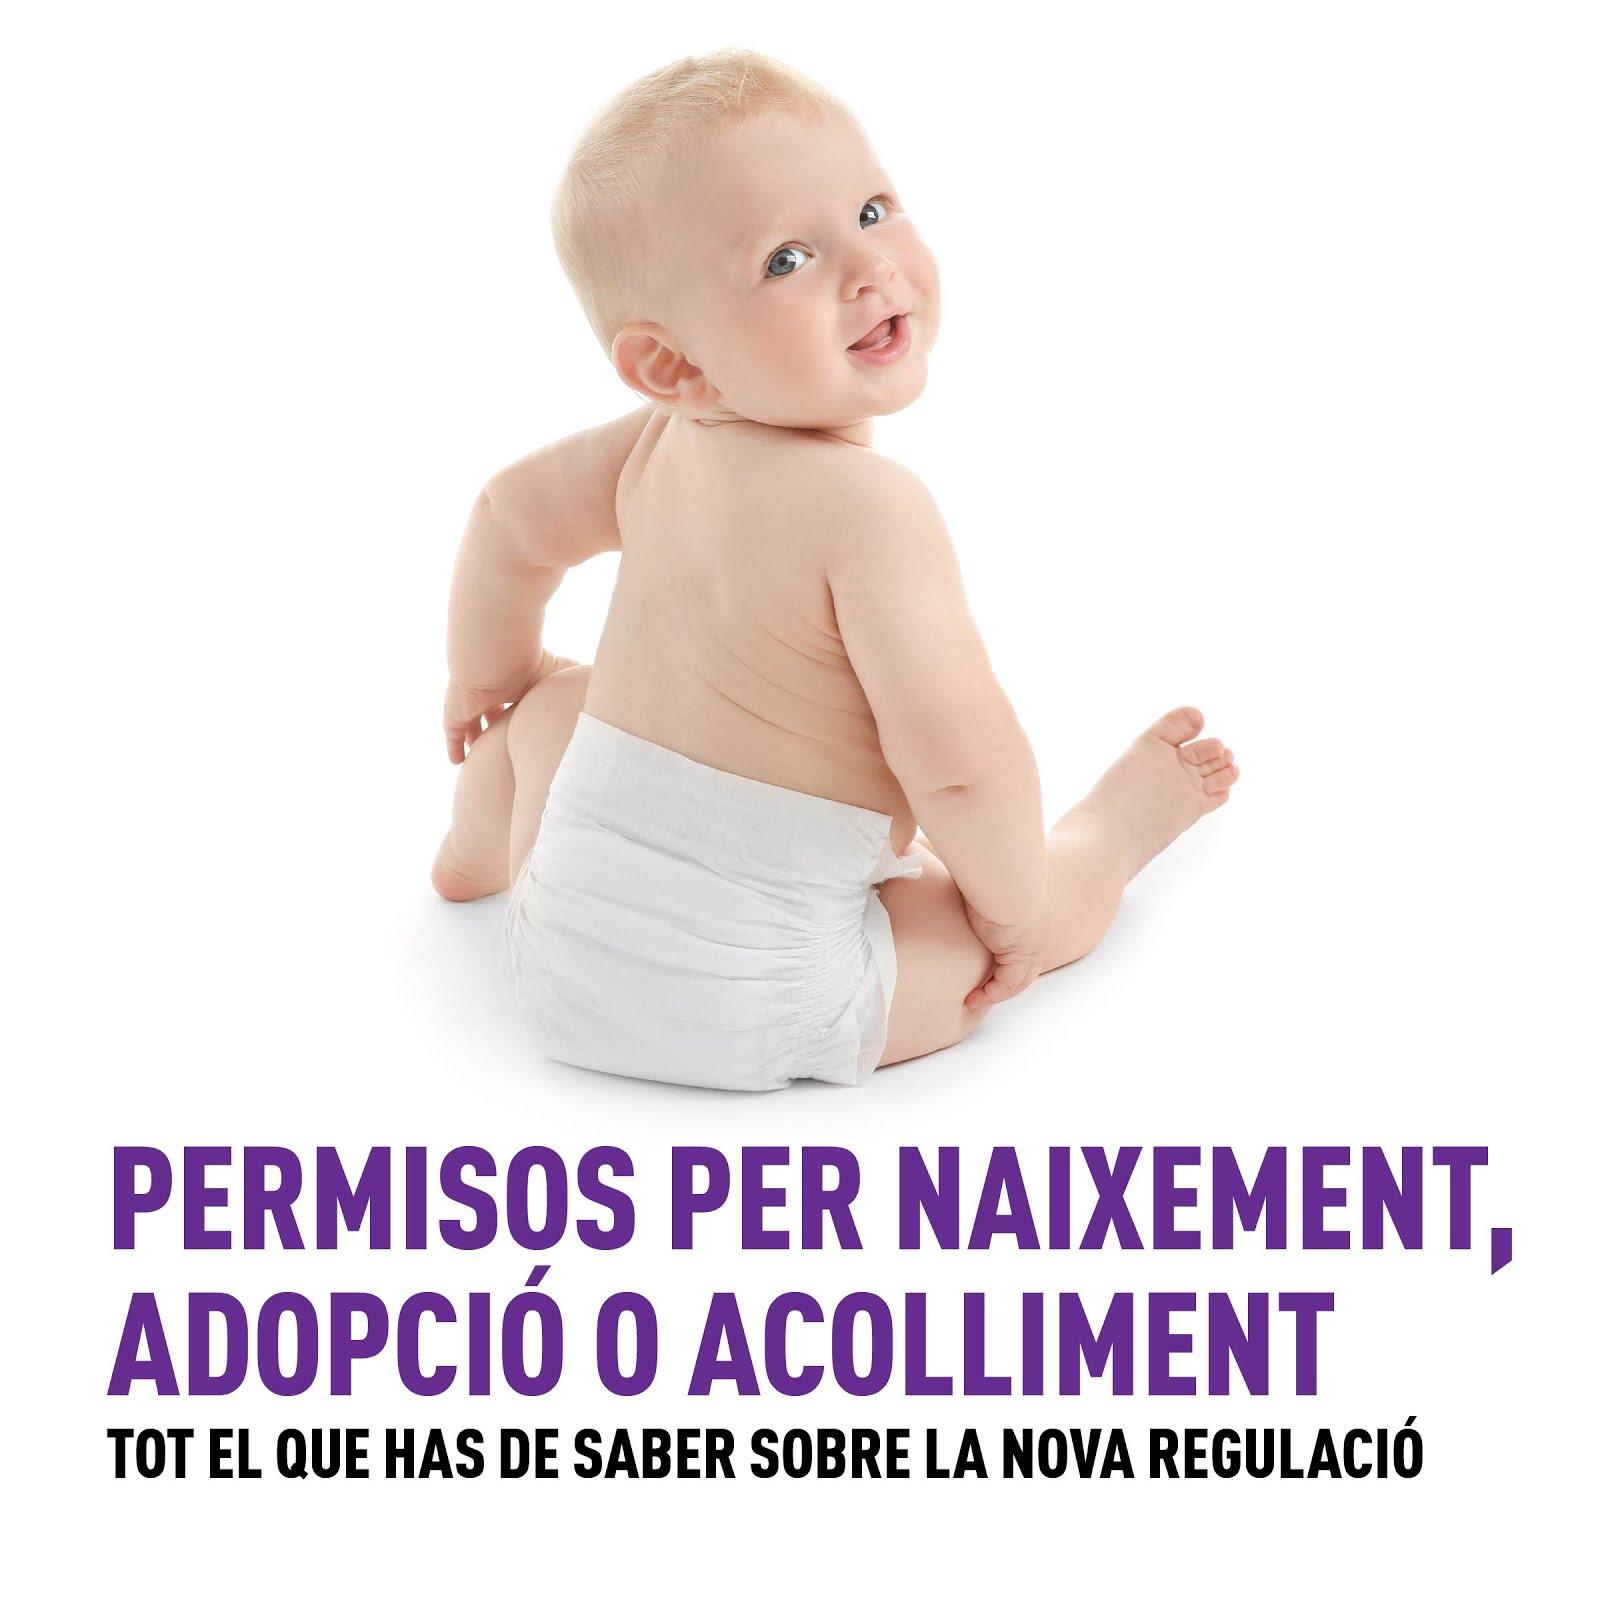 PERMISOS